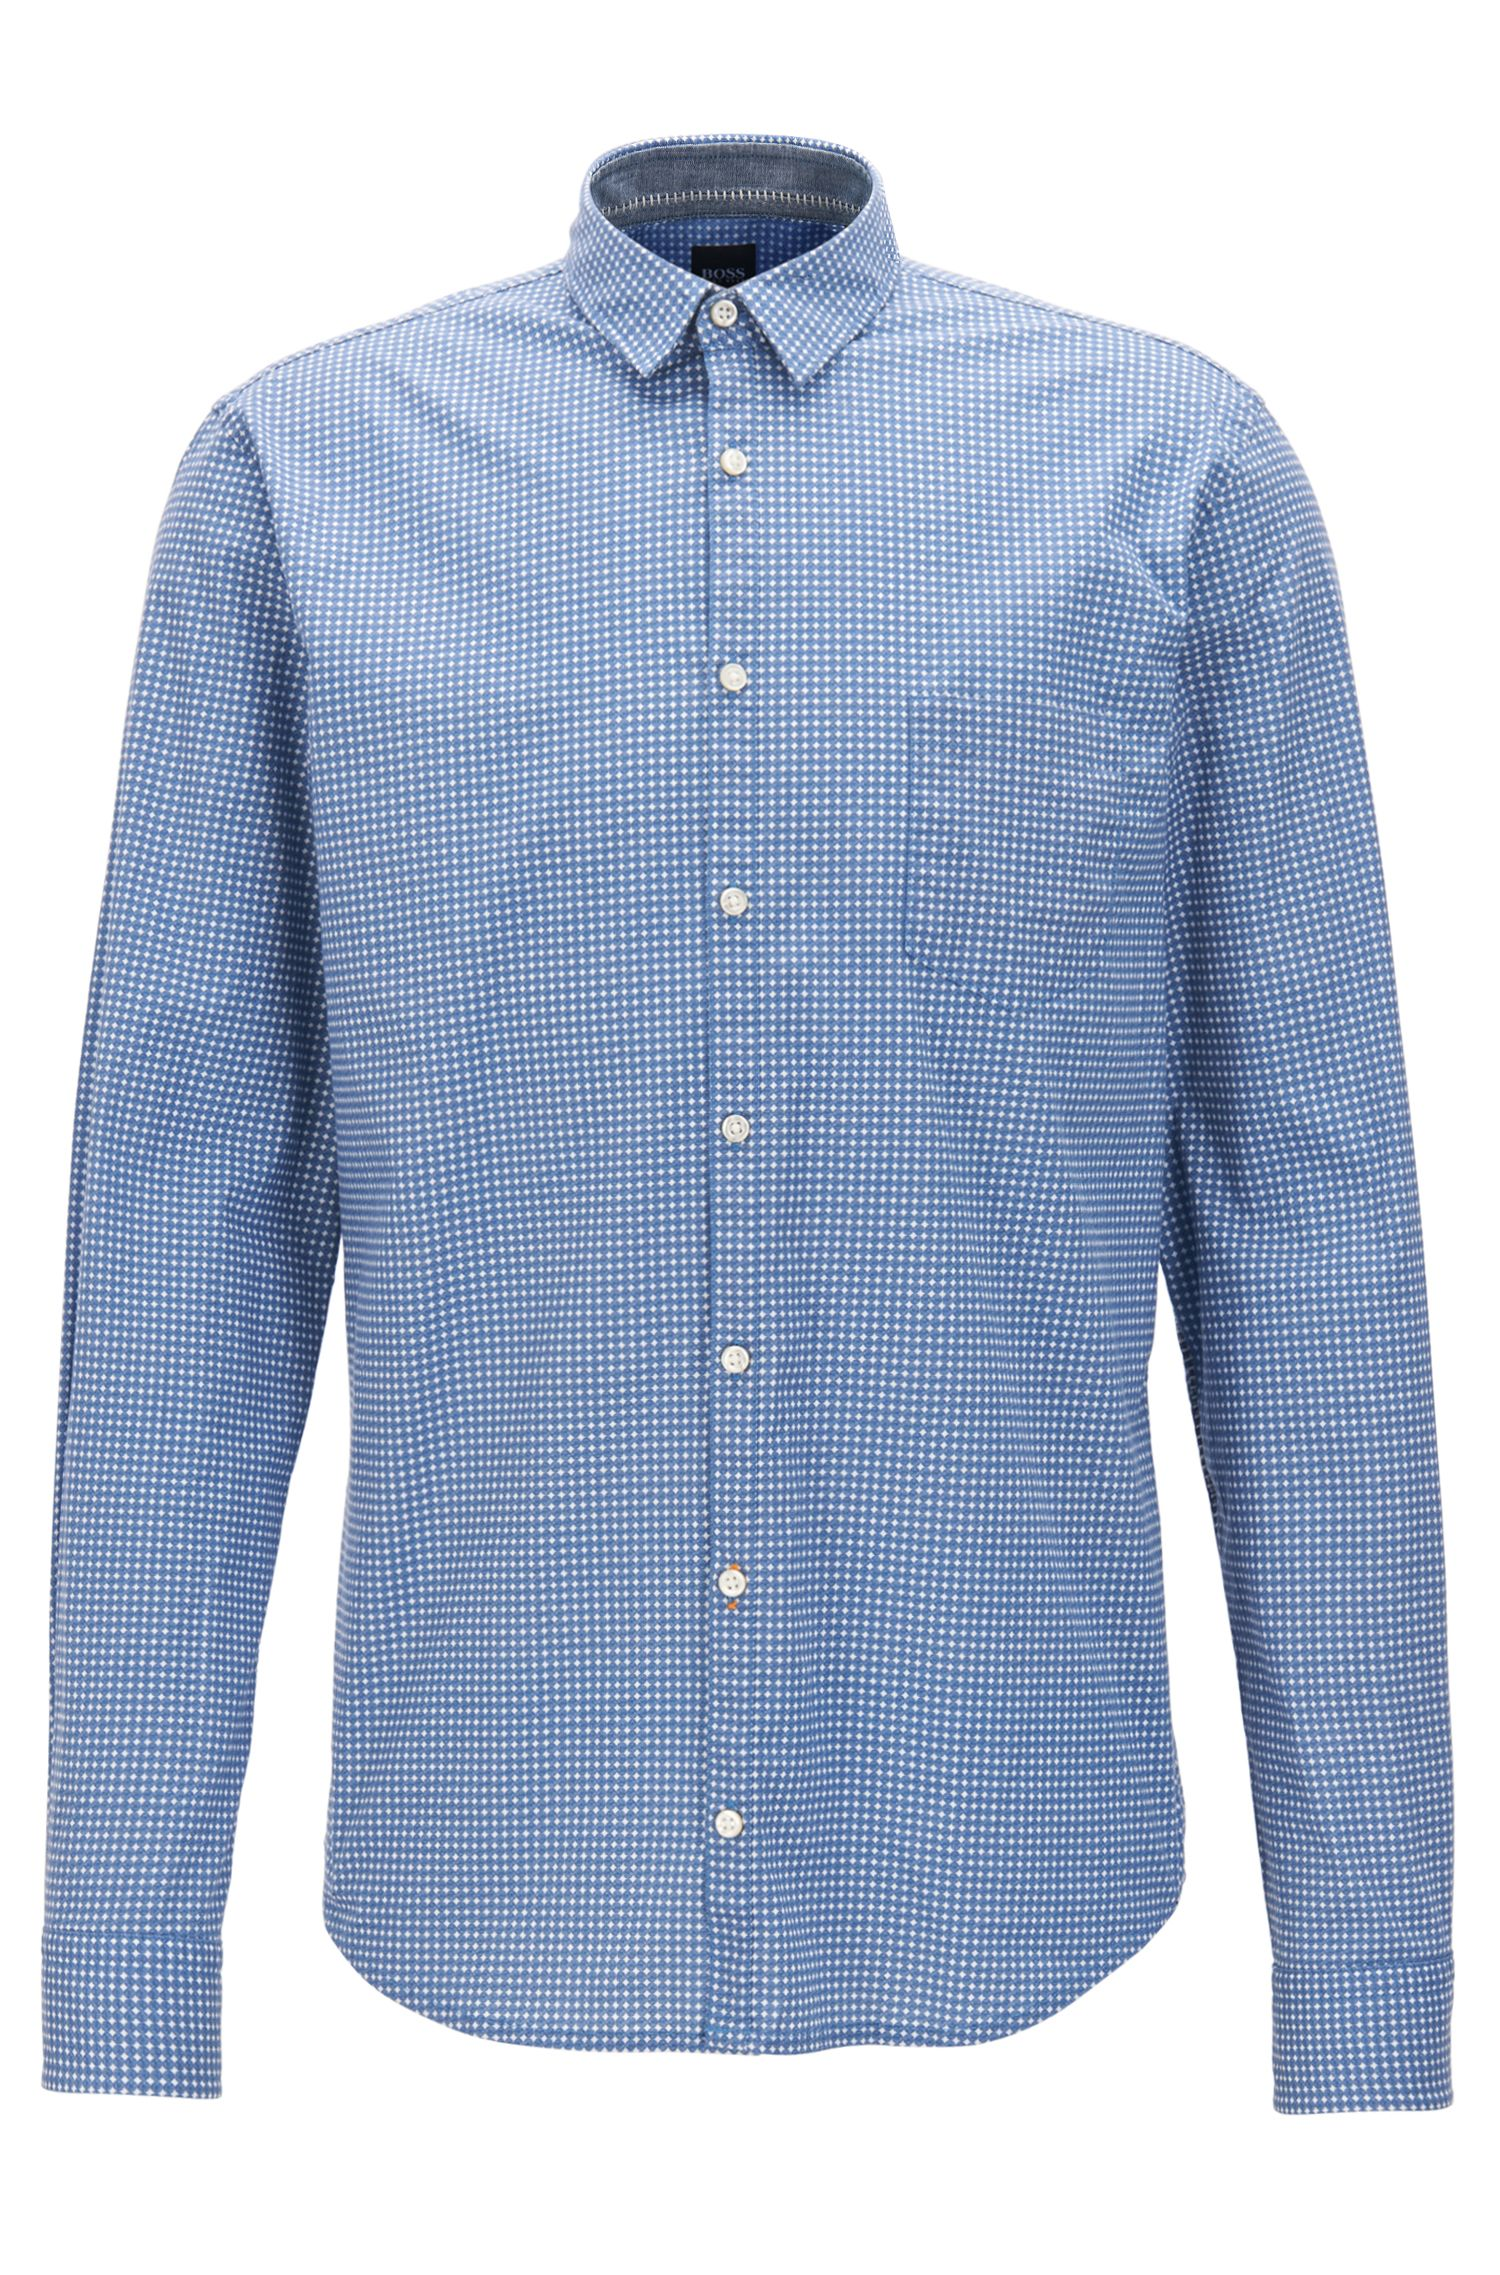 Camisa slim fit en algodón elástico con estampado